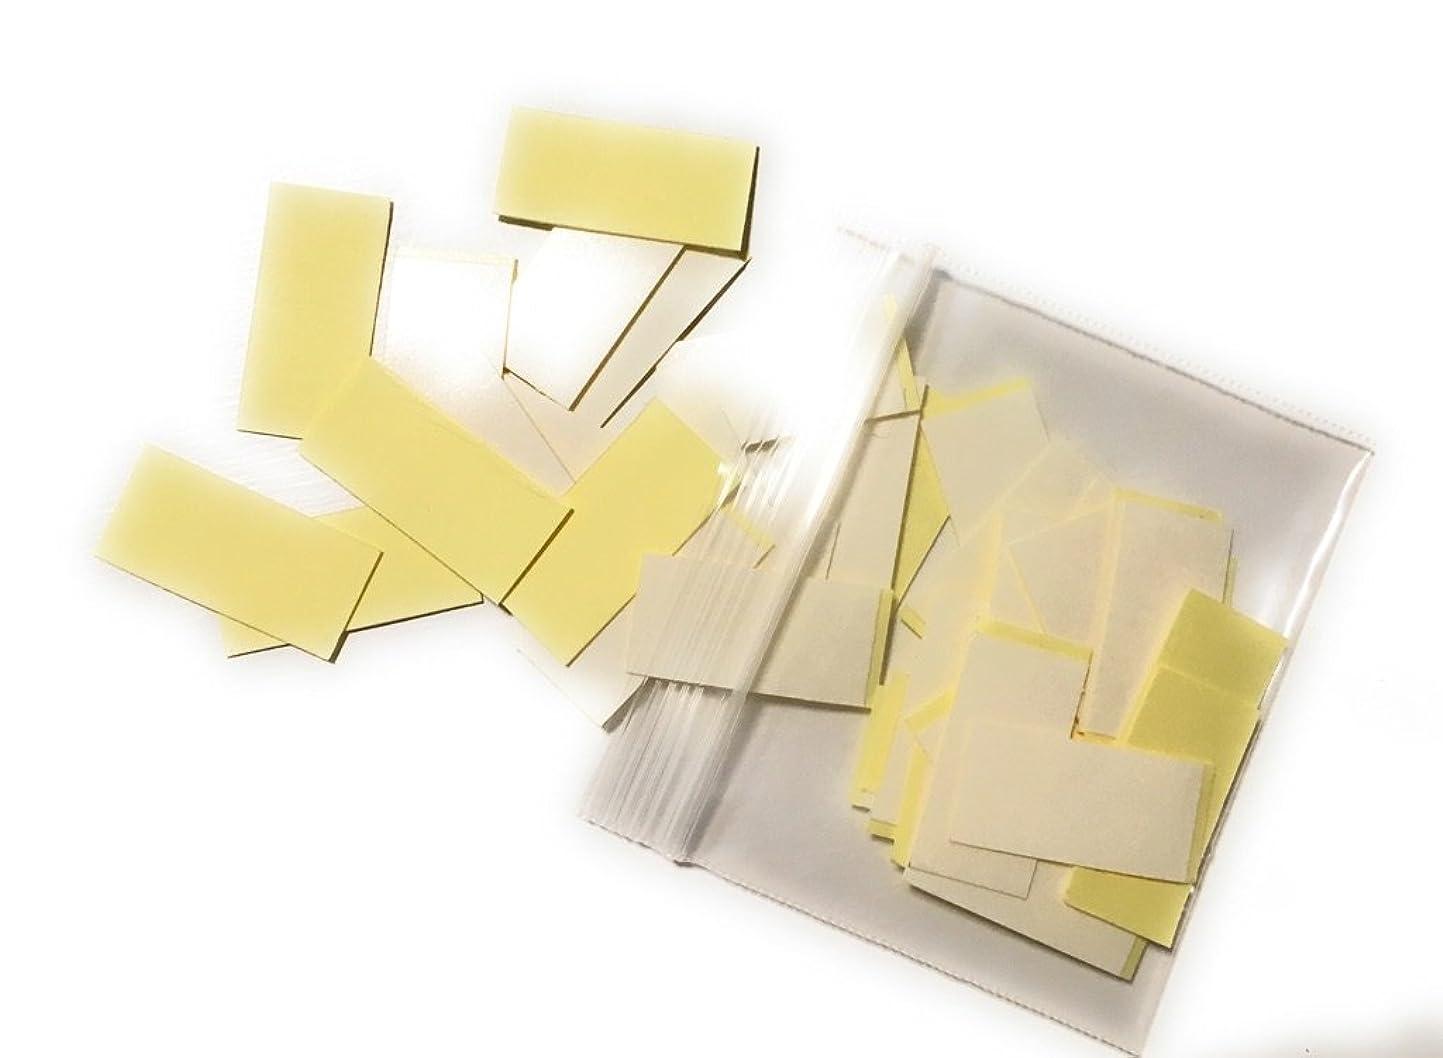 届ける解決する計器?字型用チュールキュア 追加専用シール40個 粘着部分サイズ2.5cm×1.25㎝ (?)